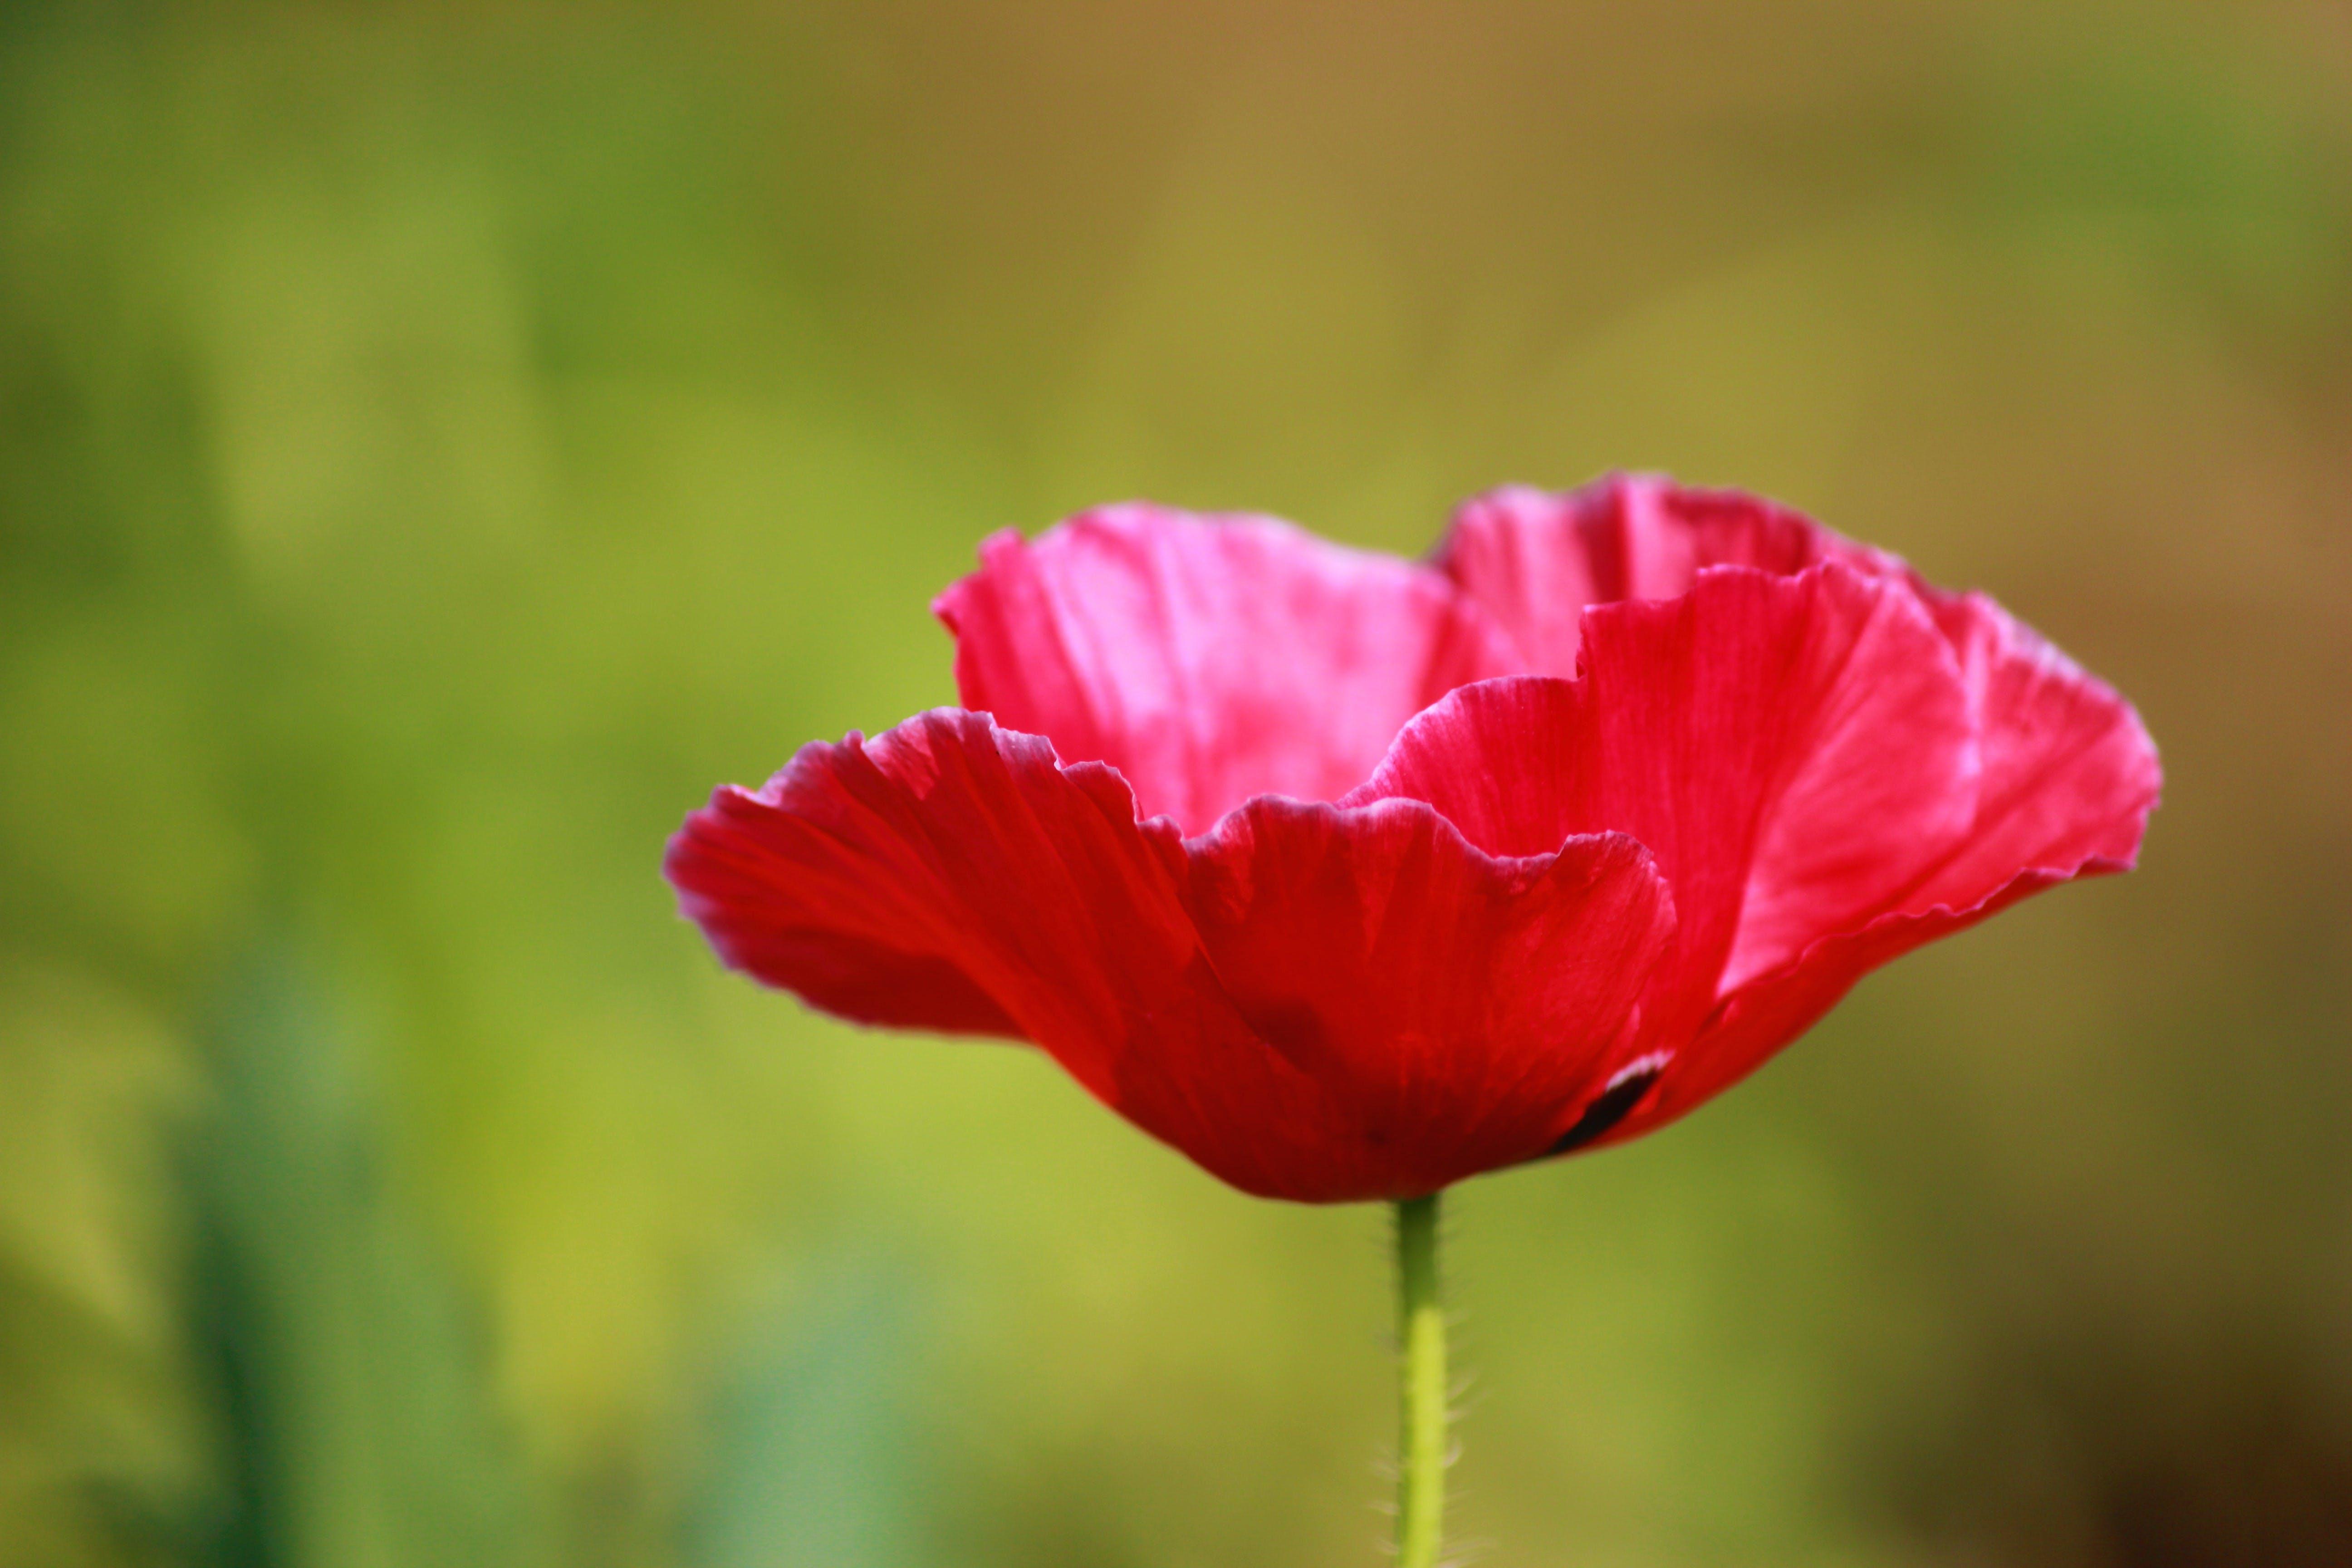 bitki, bitki örtüsü, bulanık arka plan, büyüme içeren Ücretsiz stok fotoğraf